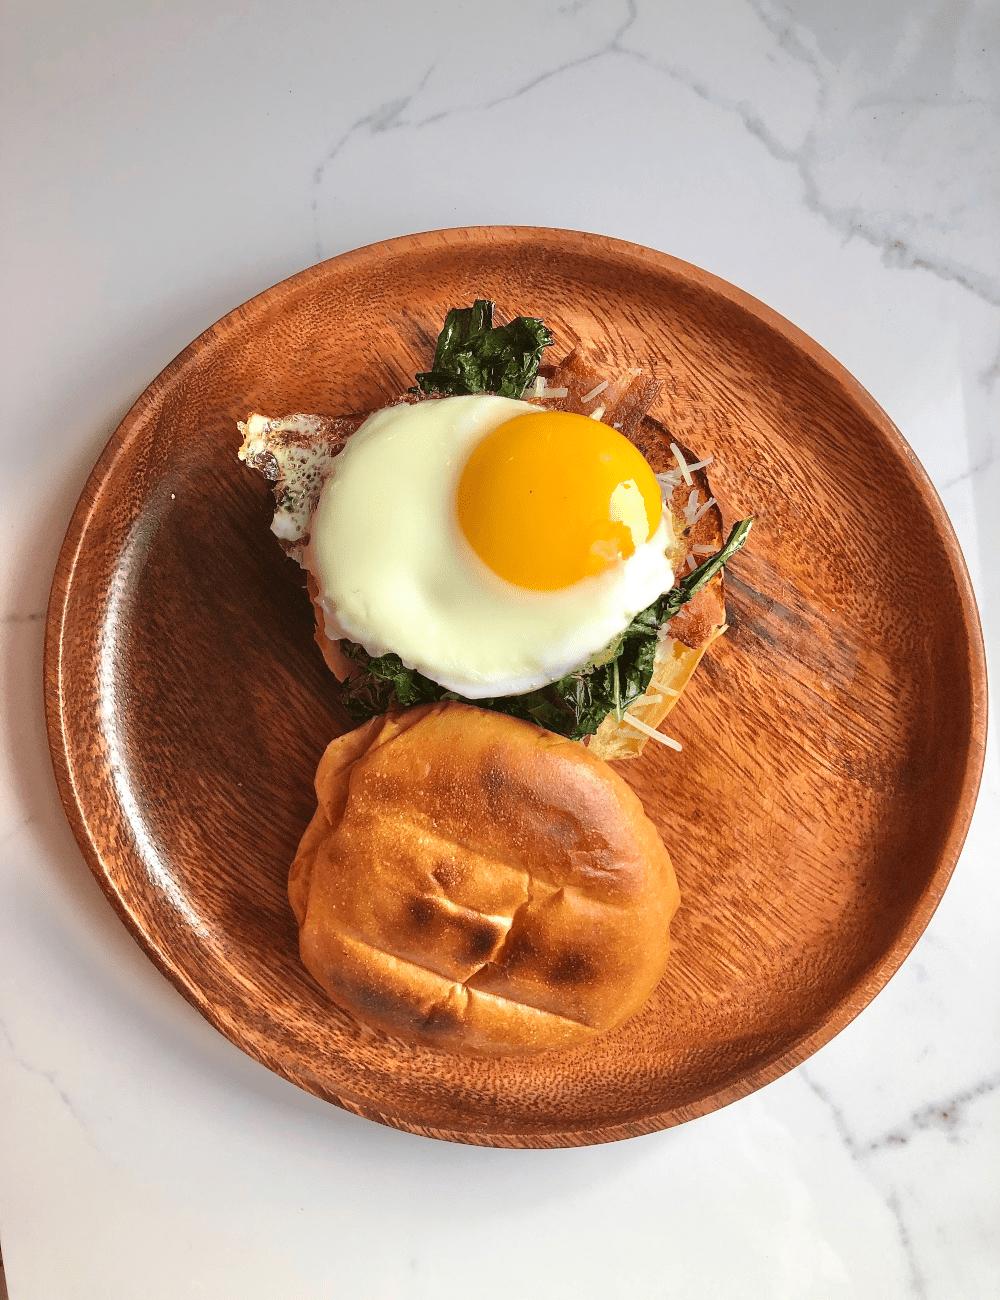 Egg & Garlicky Kale Breakfast Sammy